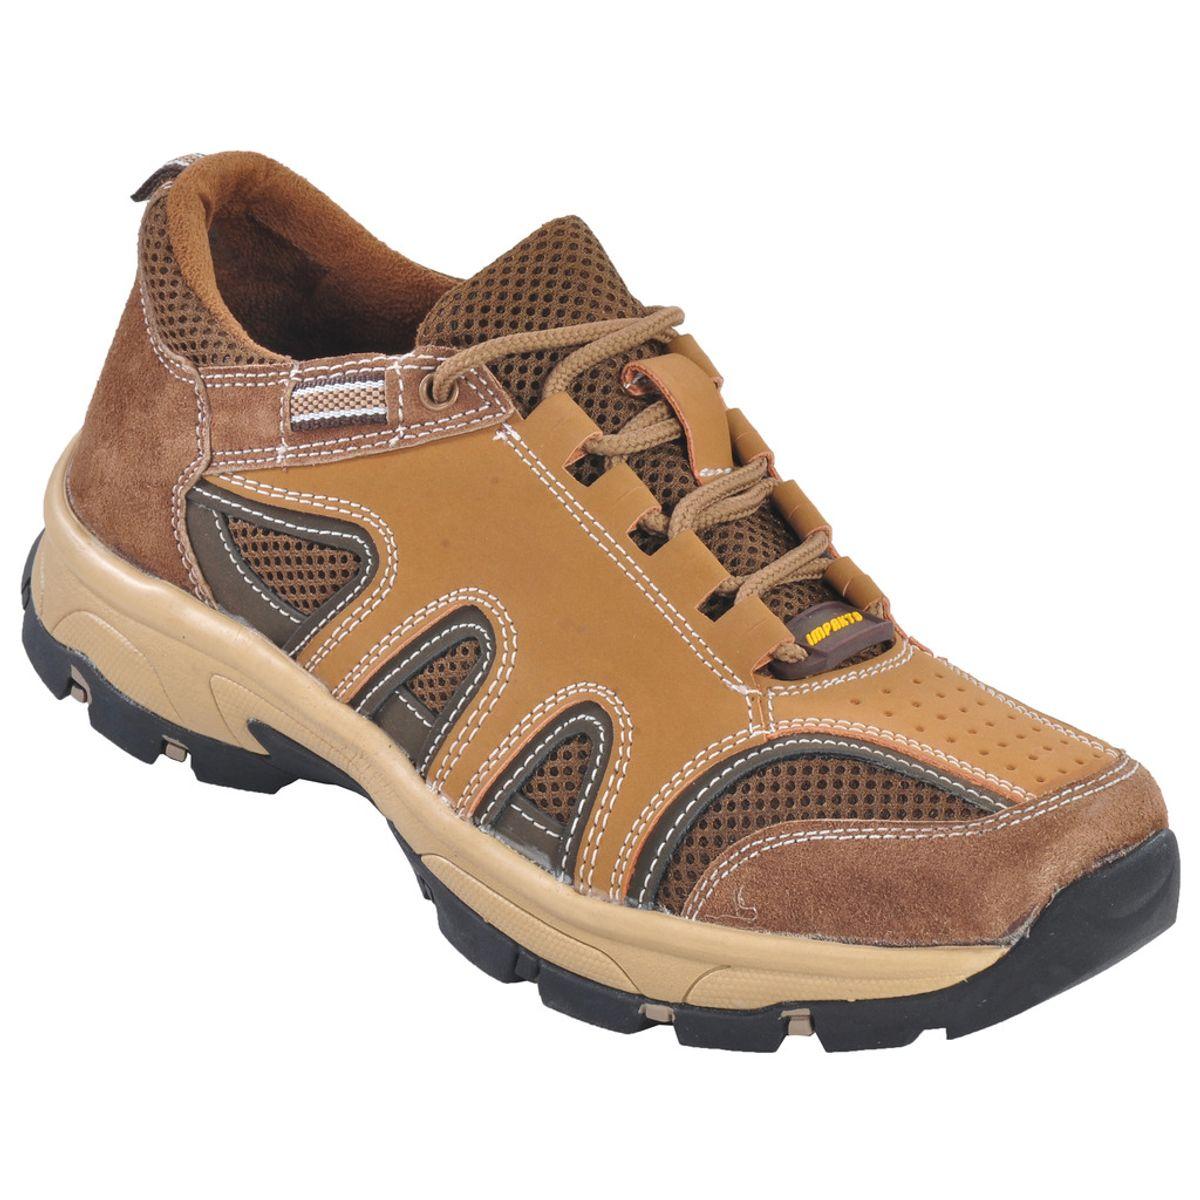 Impakto Men s Sneakers - Brown